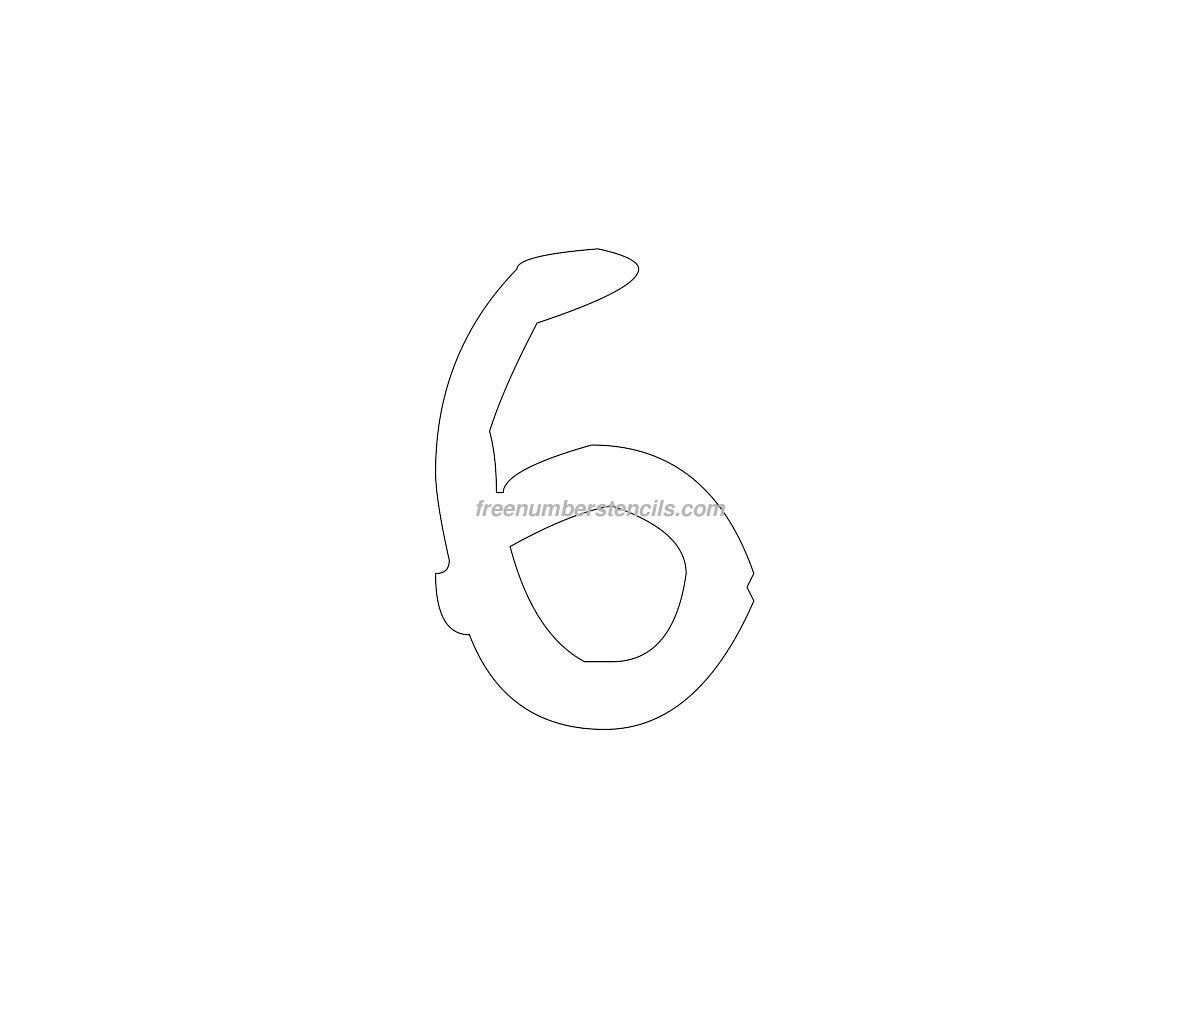 Free Rustic 6 Number Stencil - Freenumberstencils.com